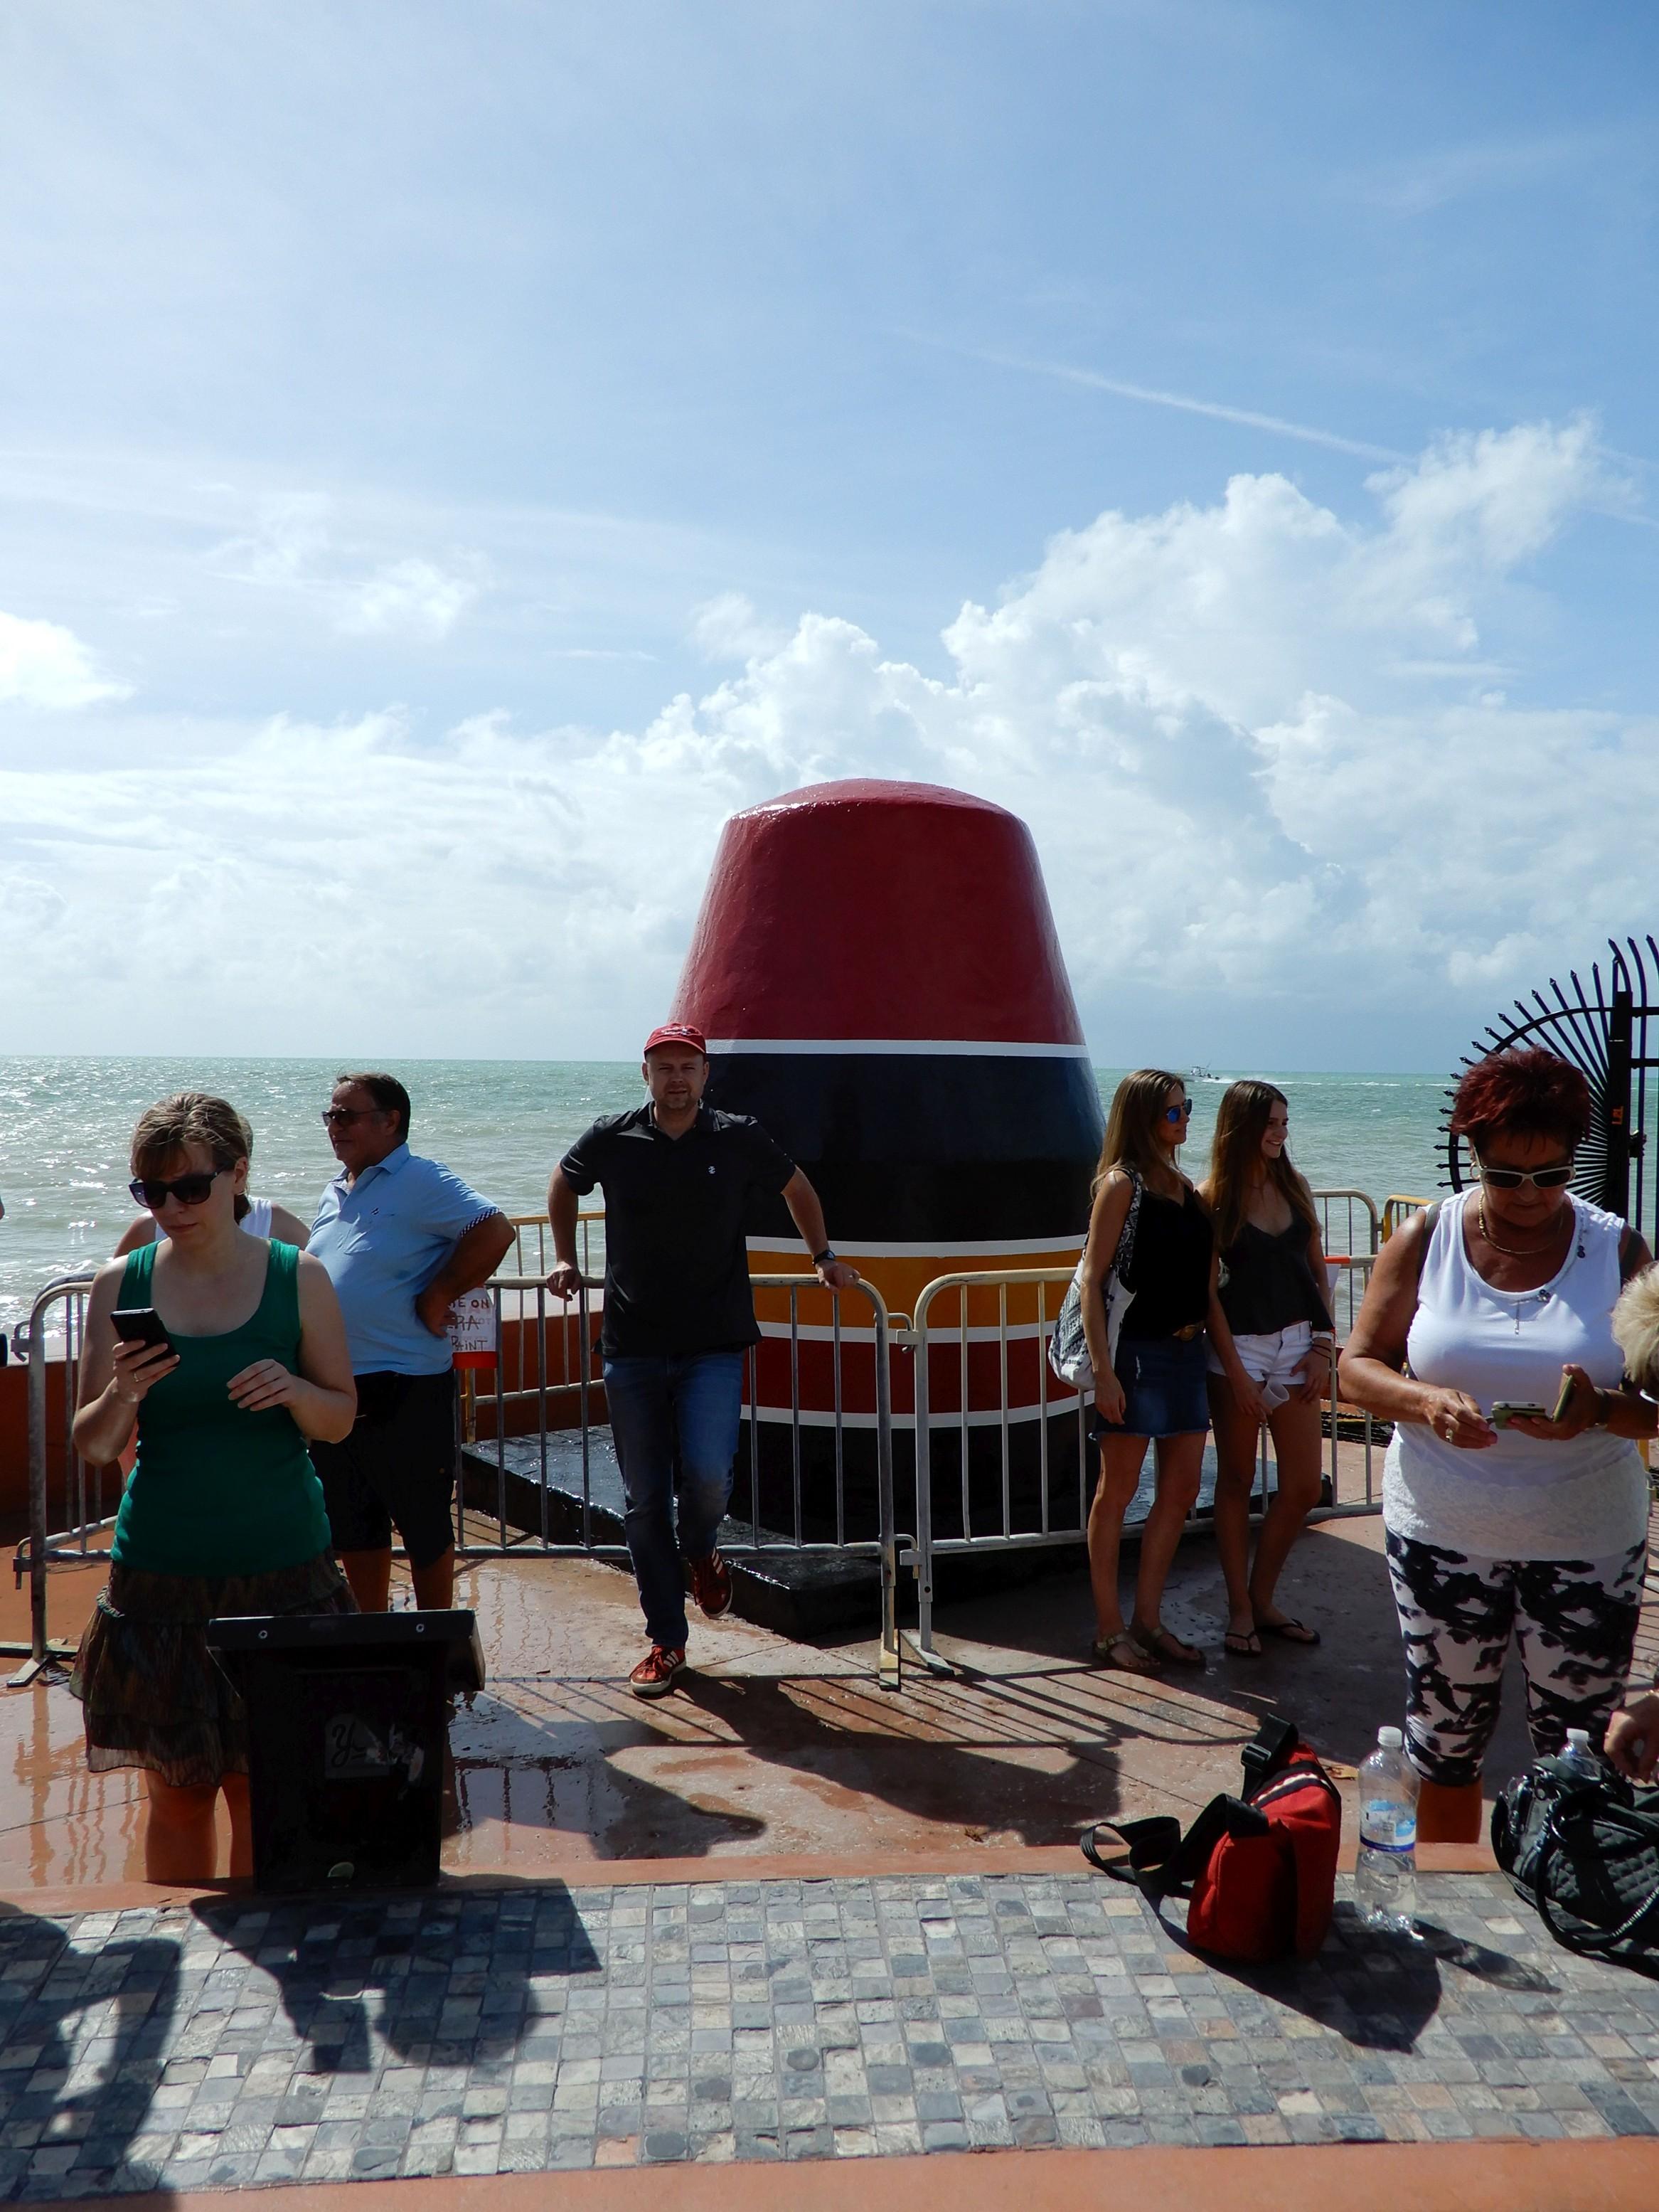 Nejjižnější bod kontinentálních spojených států. Key West na Floridě.